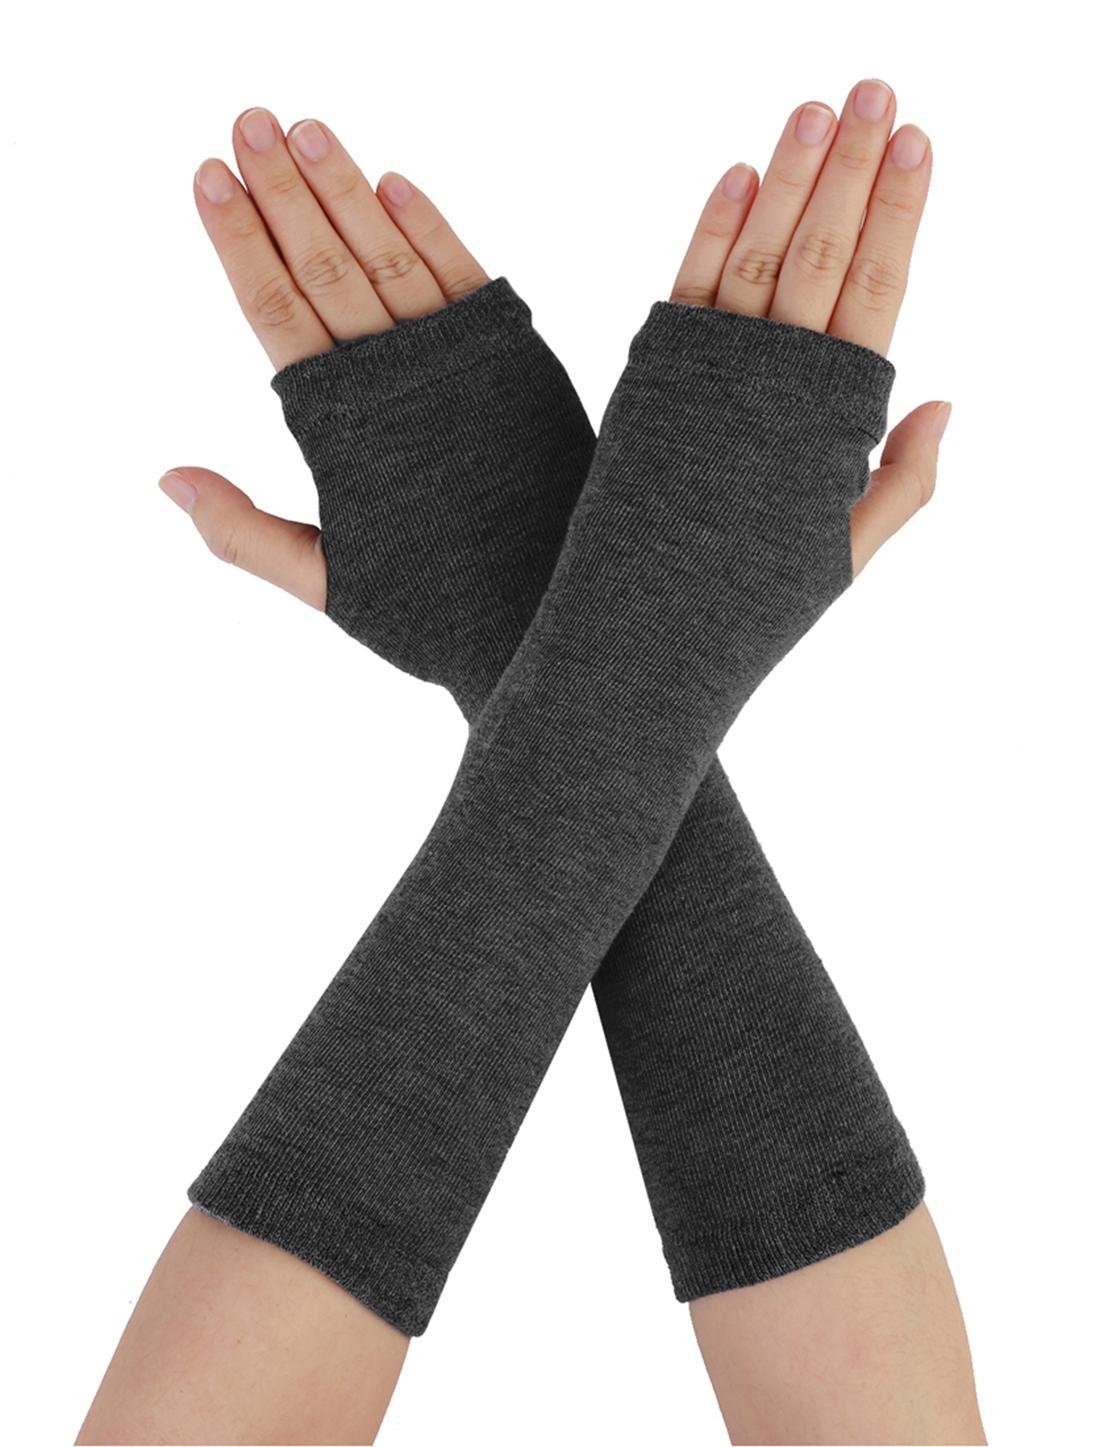 Pair Elastic Dark Gray Fingerless Thumbhole Arm Gloves for Women